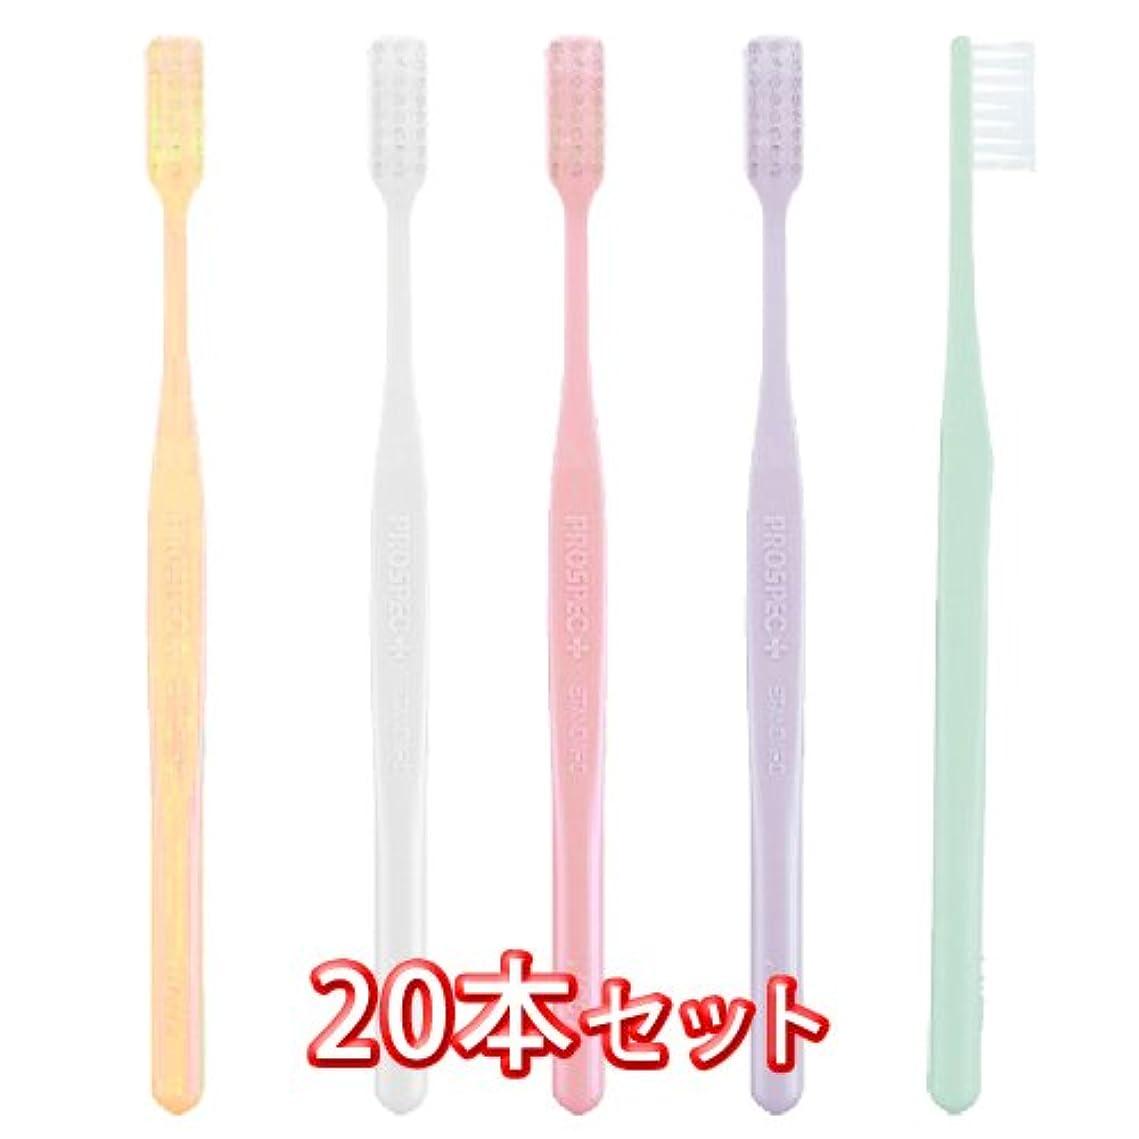 最初に世紀インターネットプロスペック 歯ブラシ プラススタンダード 20本入 S やわらかめ